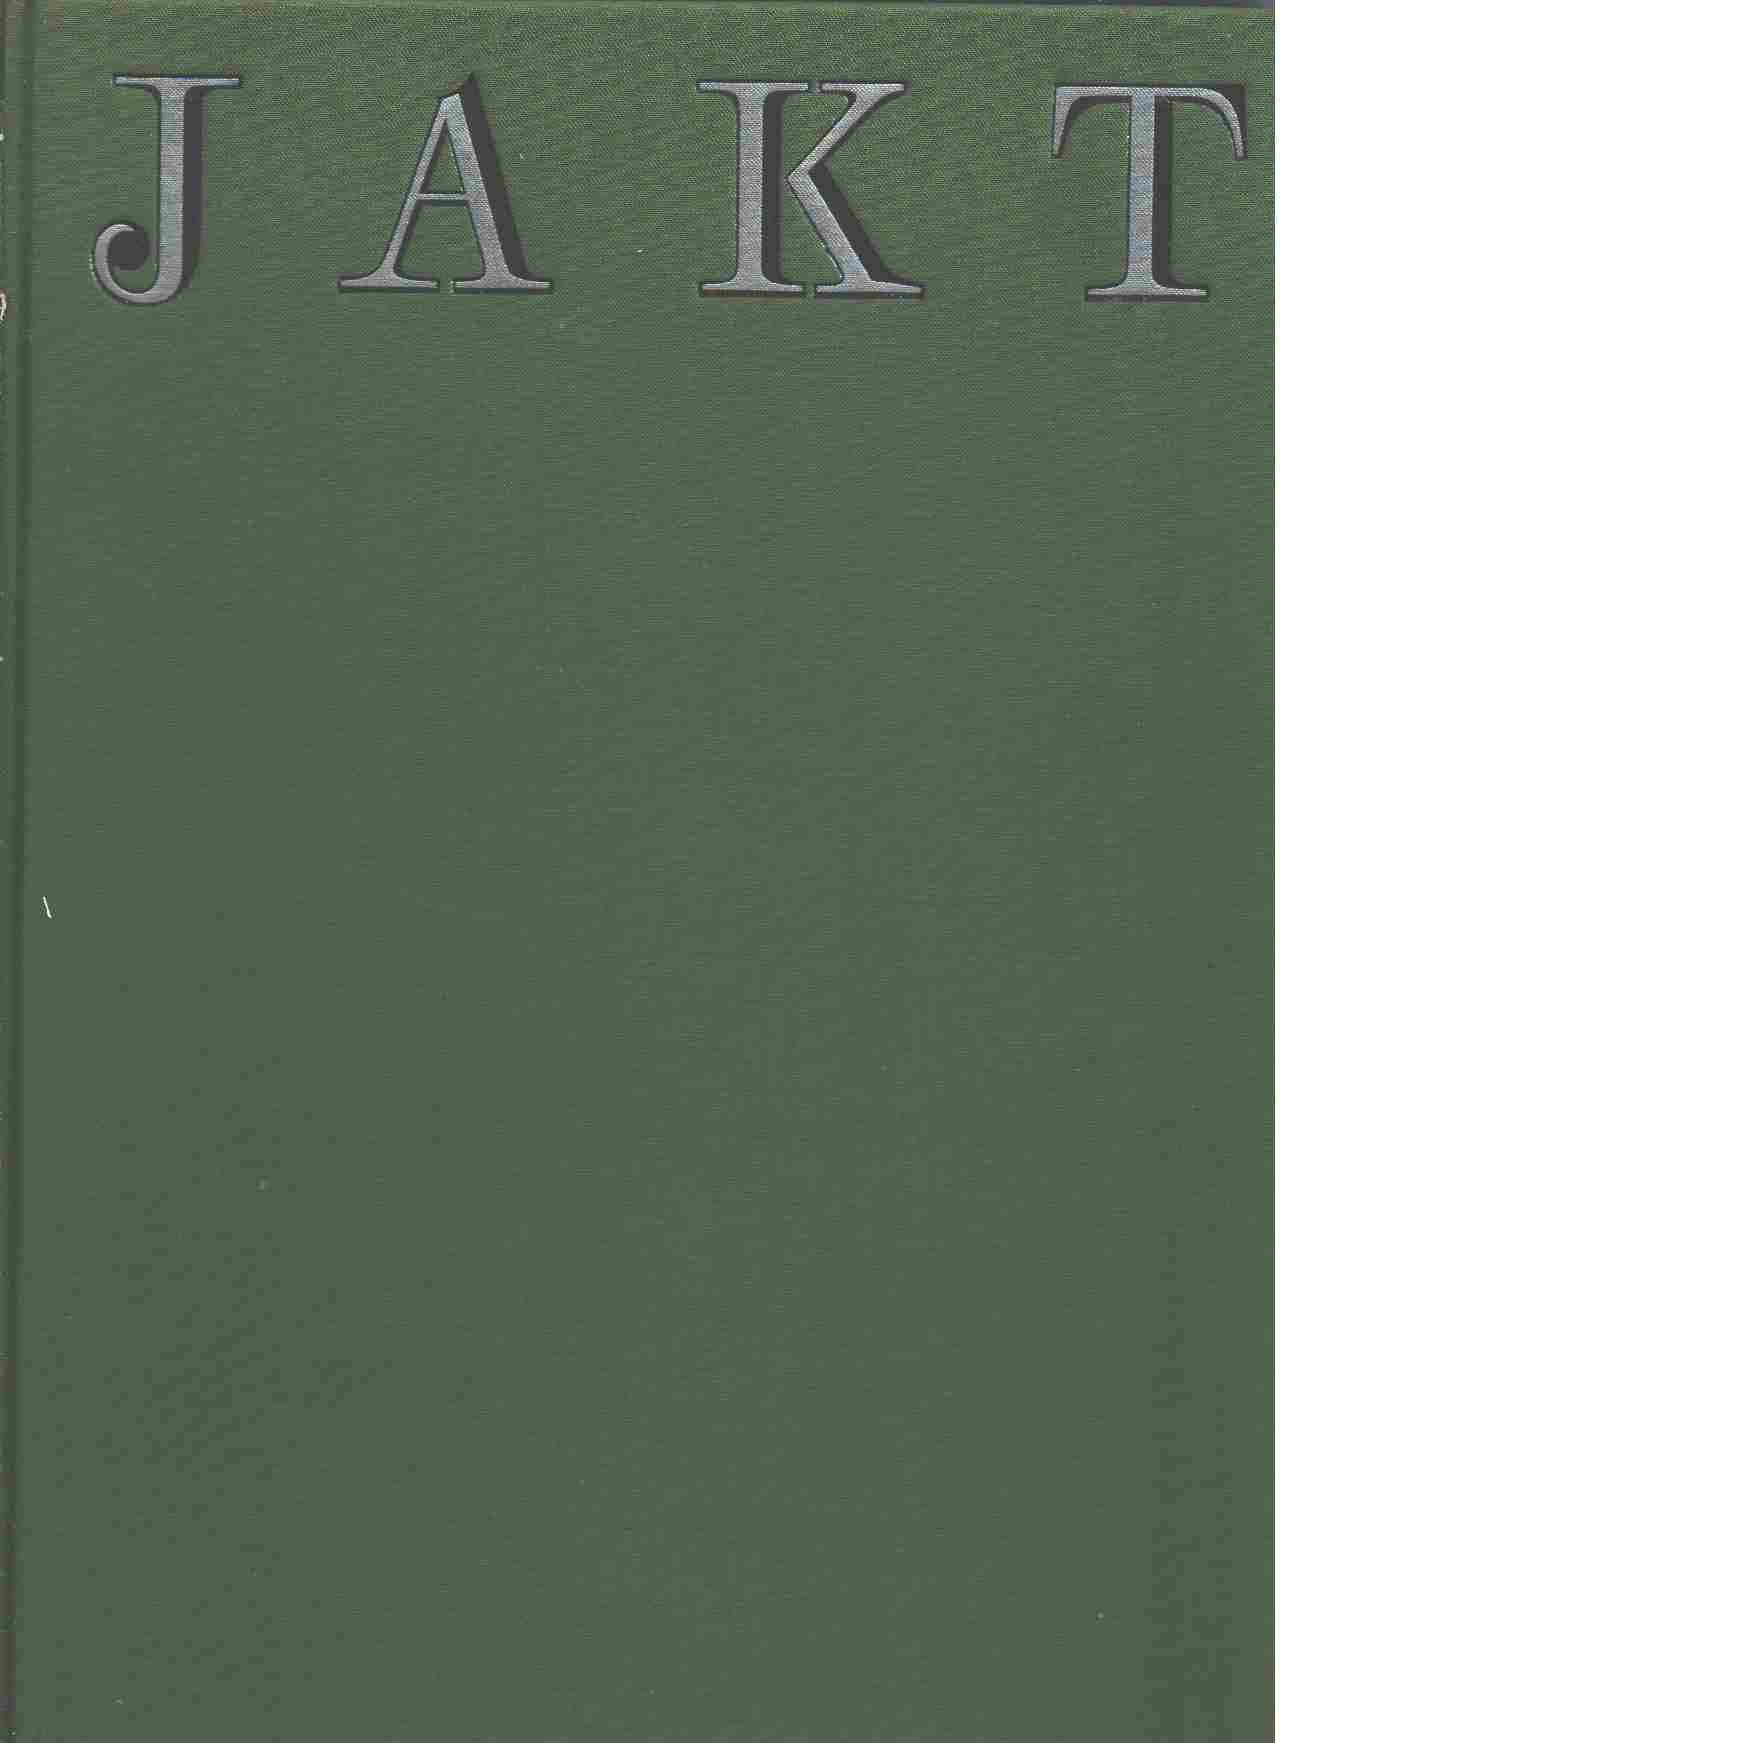 Jakt : jägare, villebråd, vapen och jaktmetoder från äldsta tider till våra dagar - Brusewitz, Gunnar